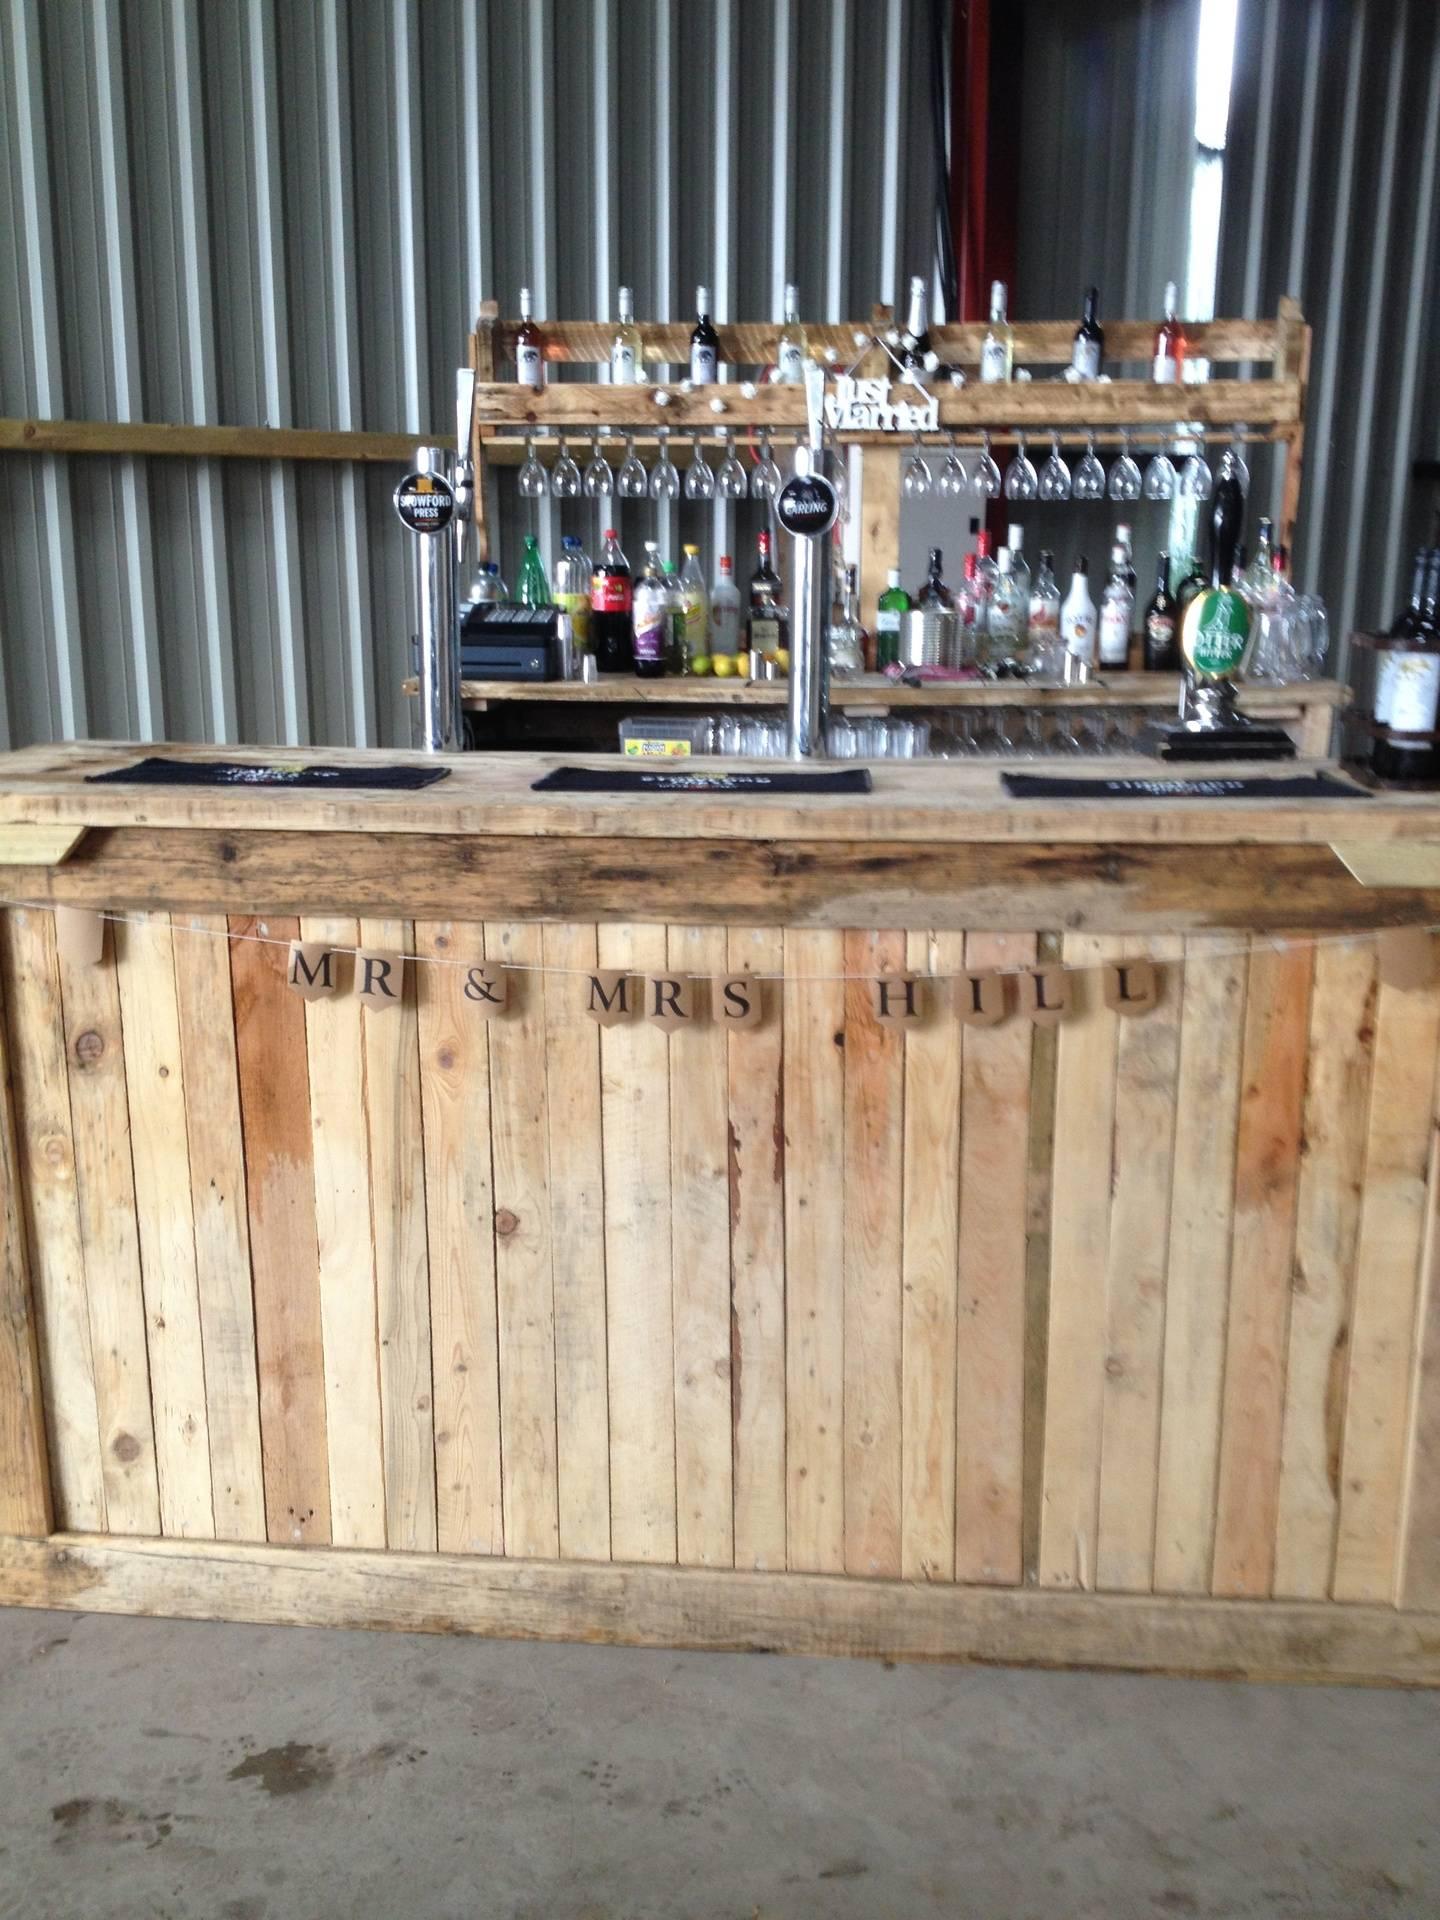 The vintage bar in a farm barn